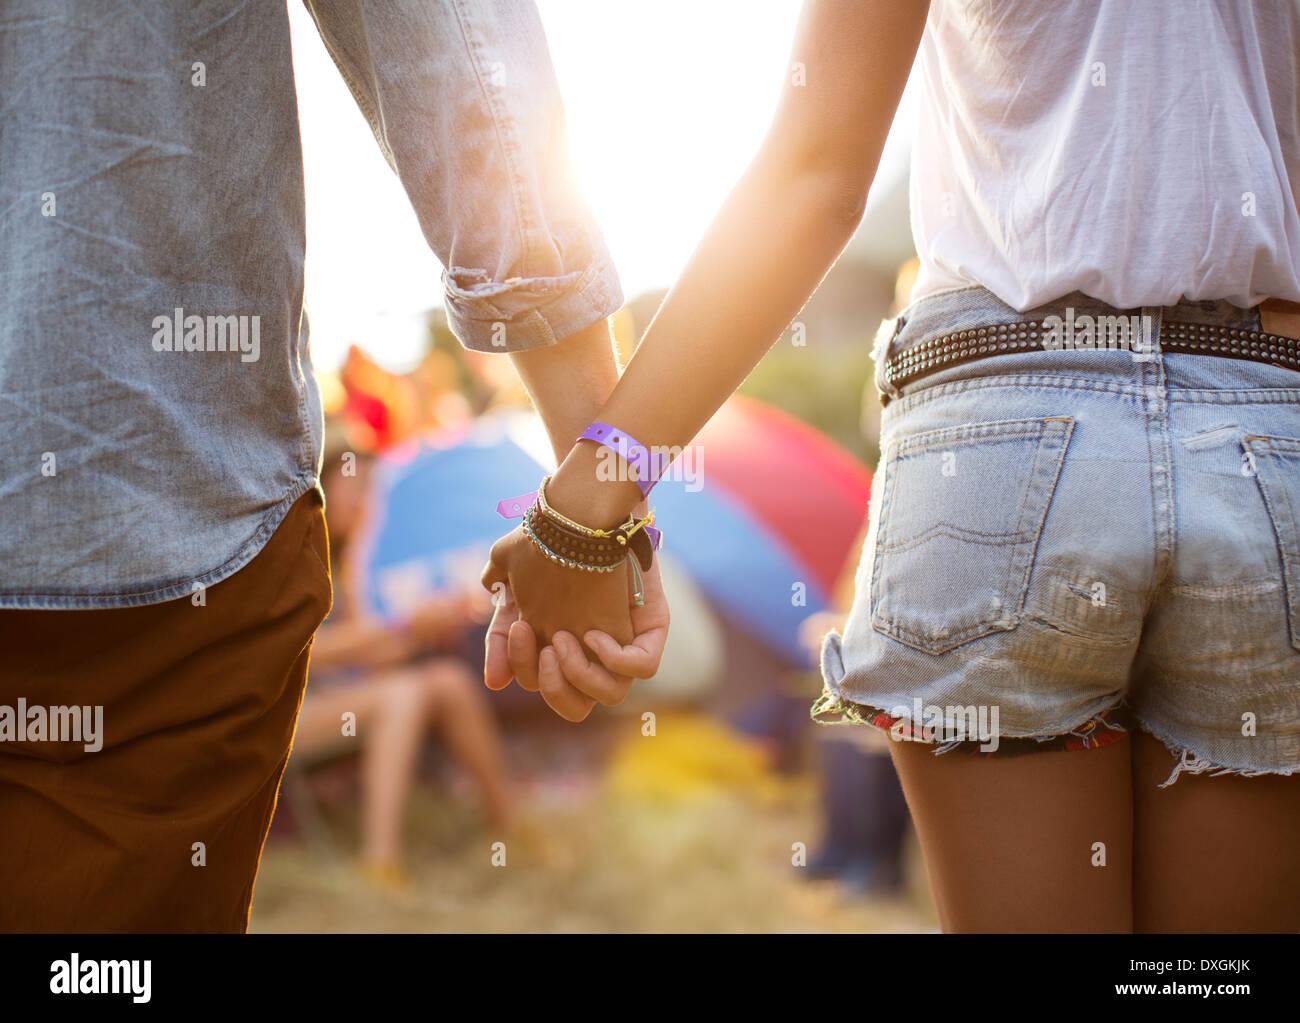 Paar Hand in Hand in der Nähe von Zelten beim Musikfestival Stockbild